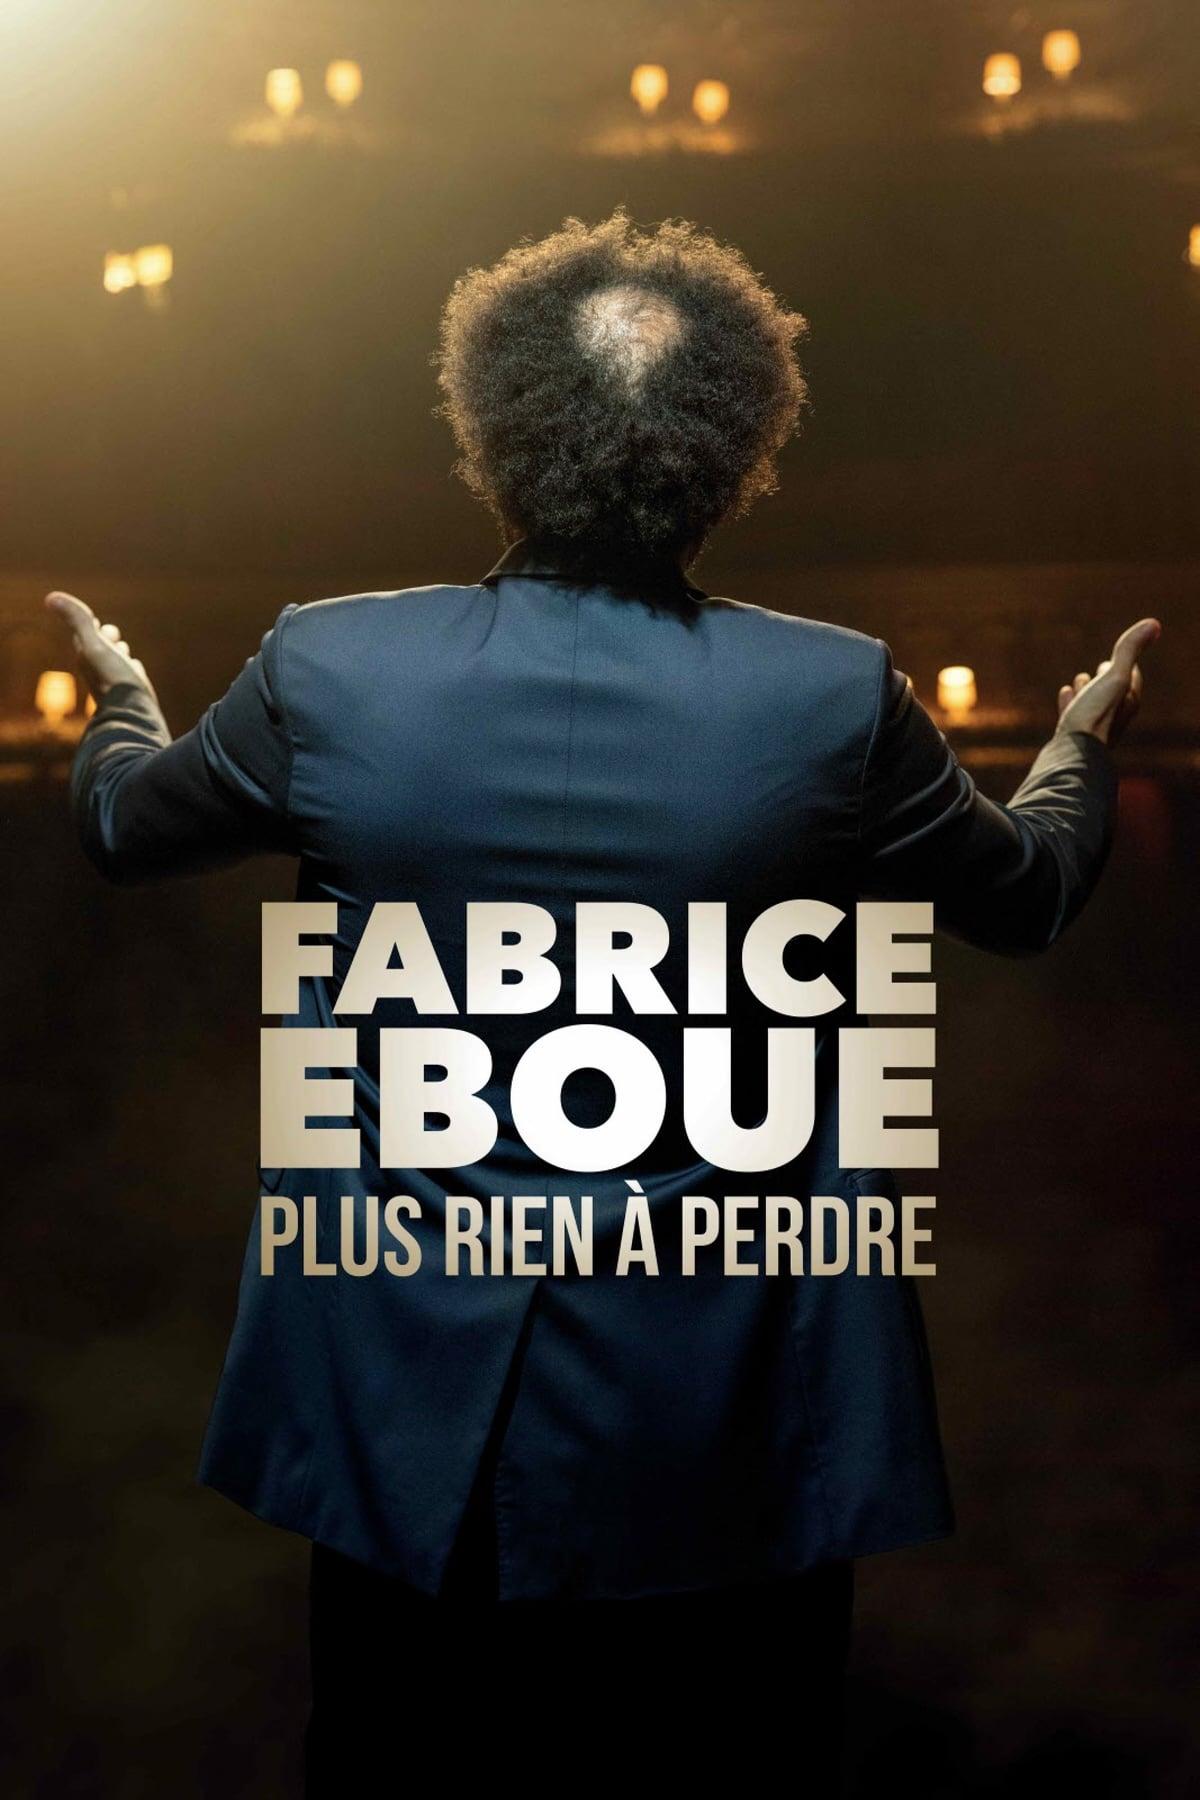 Fabrice éboué - Plus Rien À Perdre - 2020